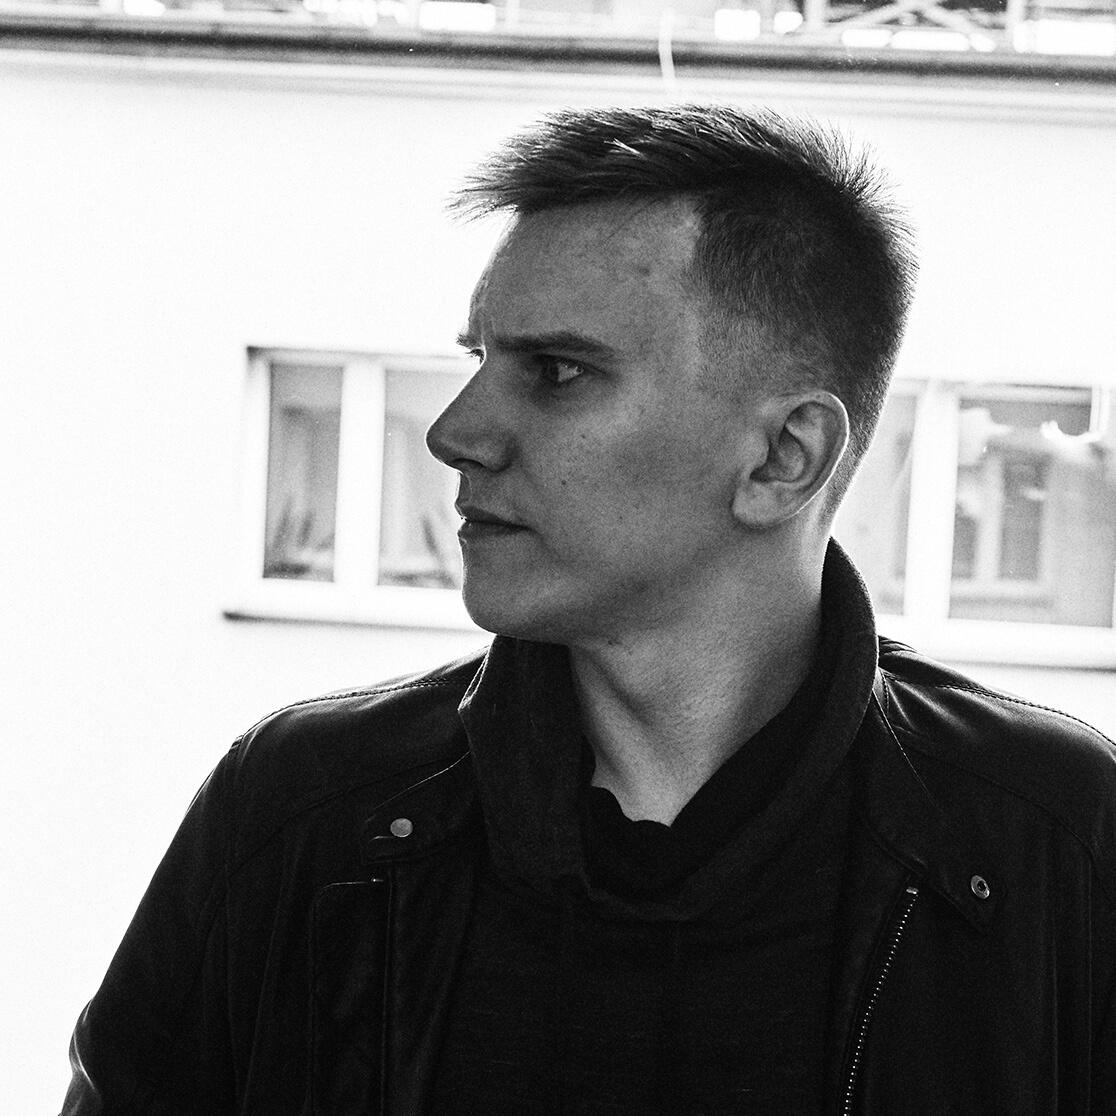 Mateusz Kocięcki